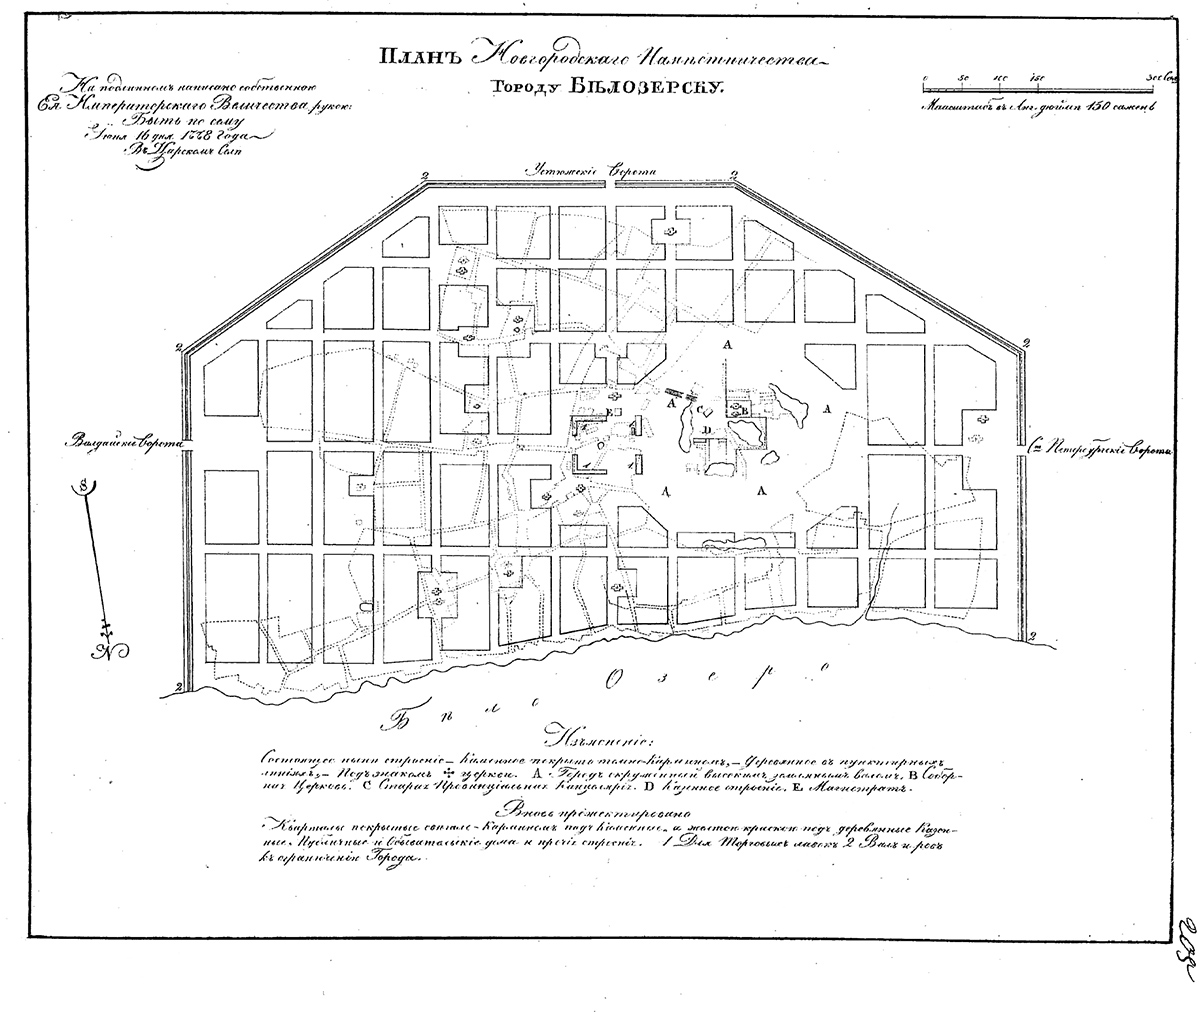 План Новгородского наместничества городу Белозерску. Утвержден 16 июня 1778 г.